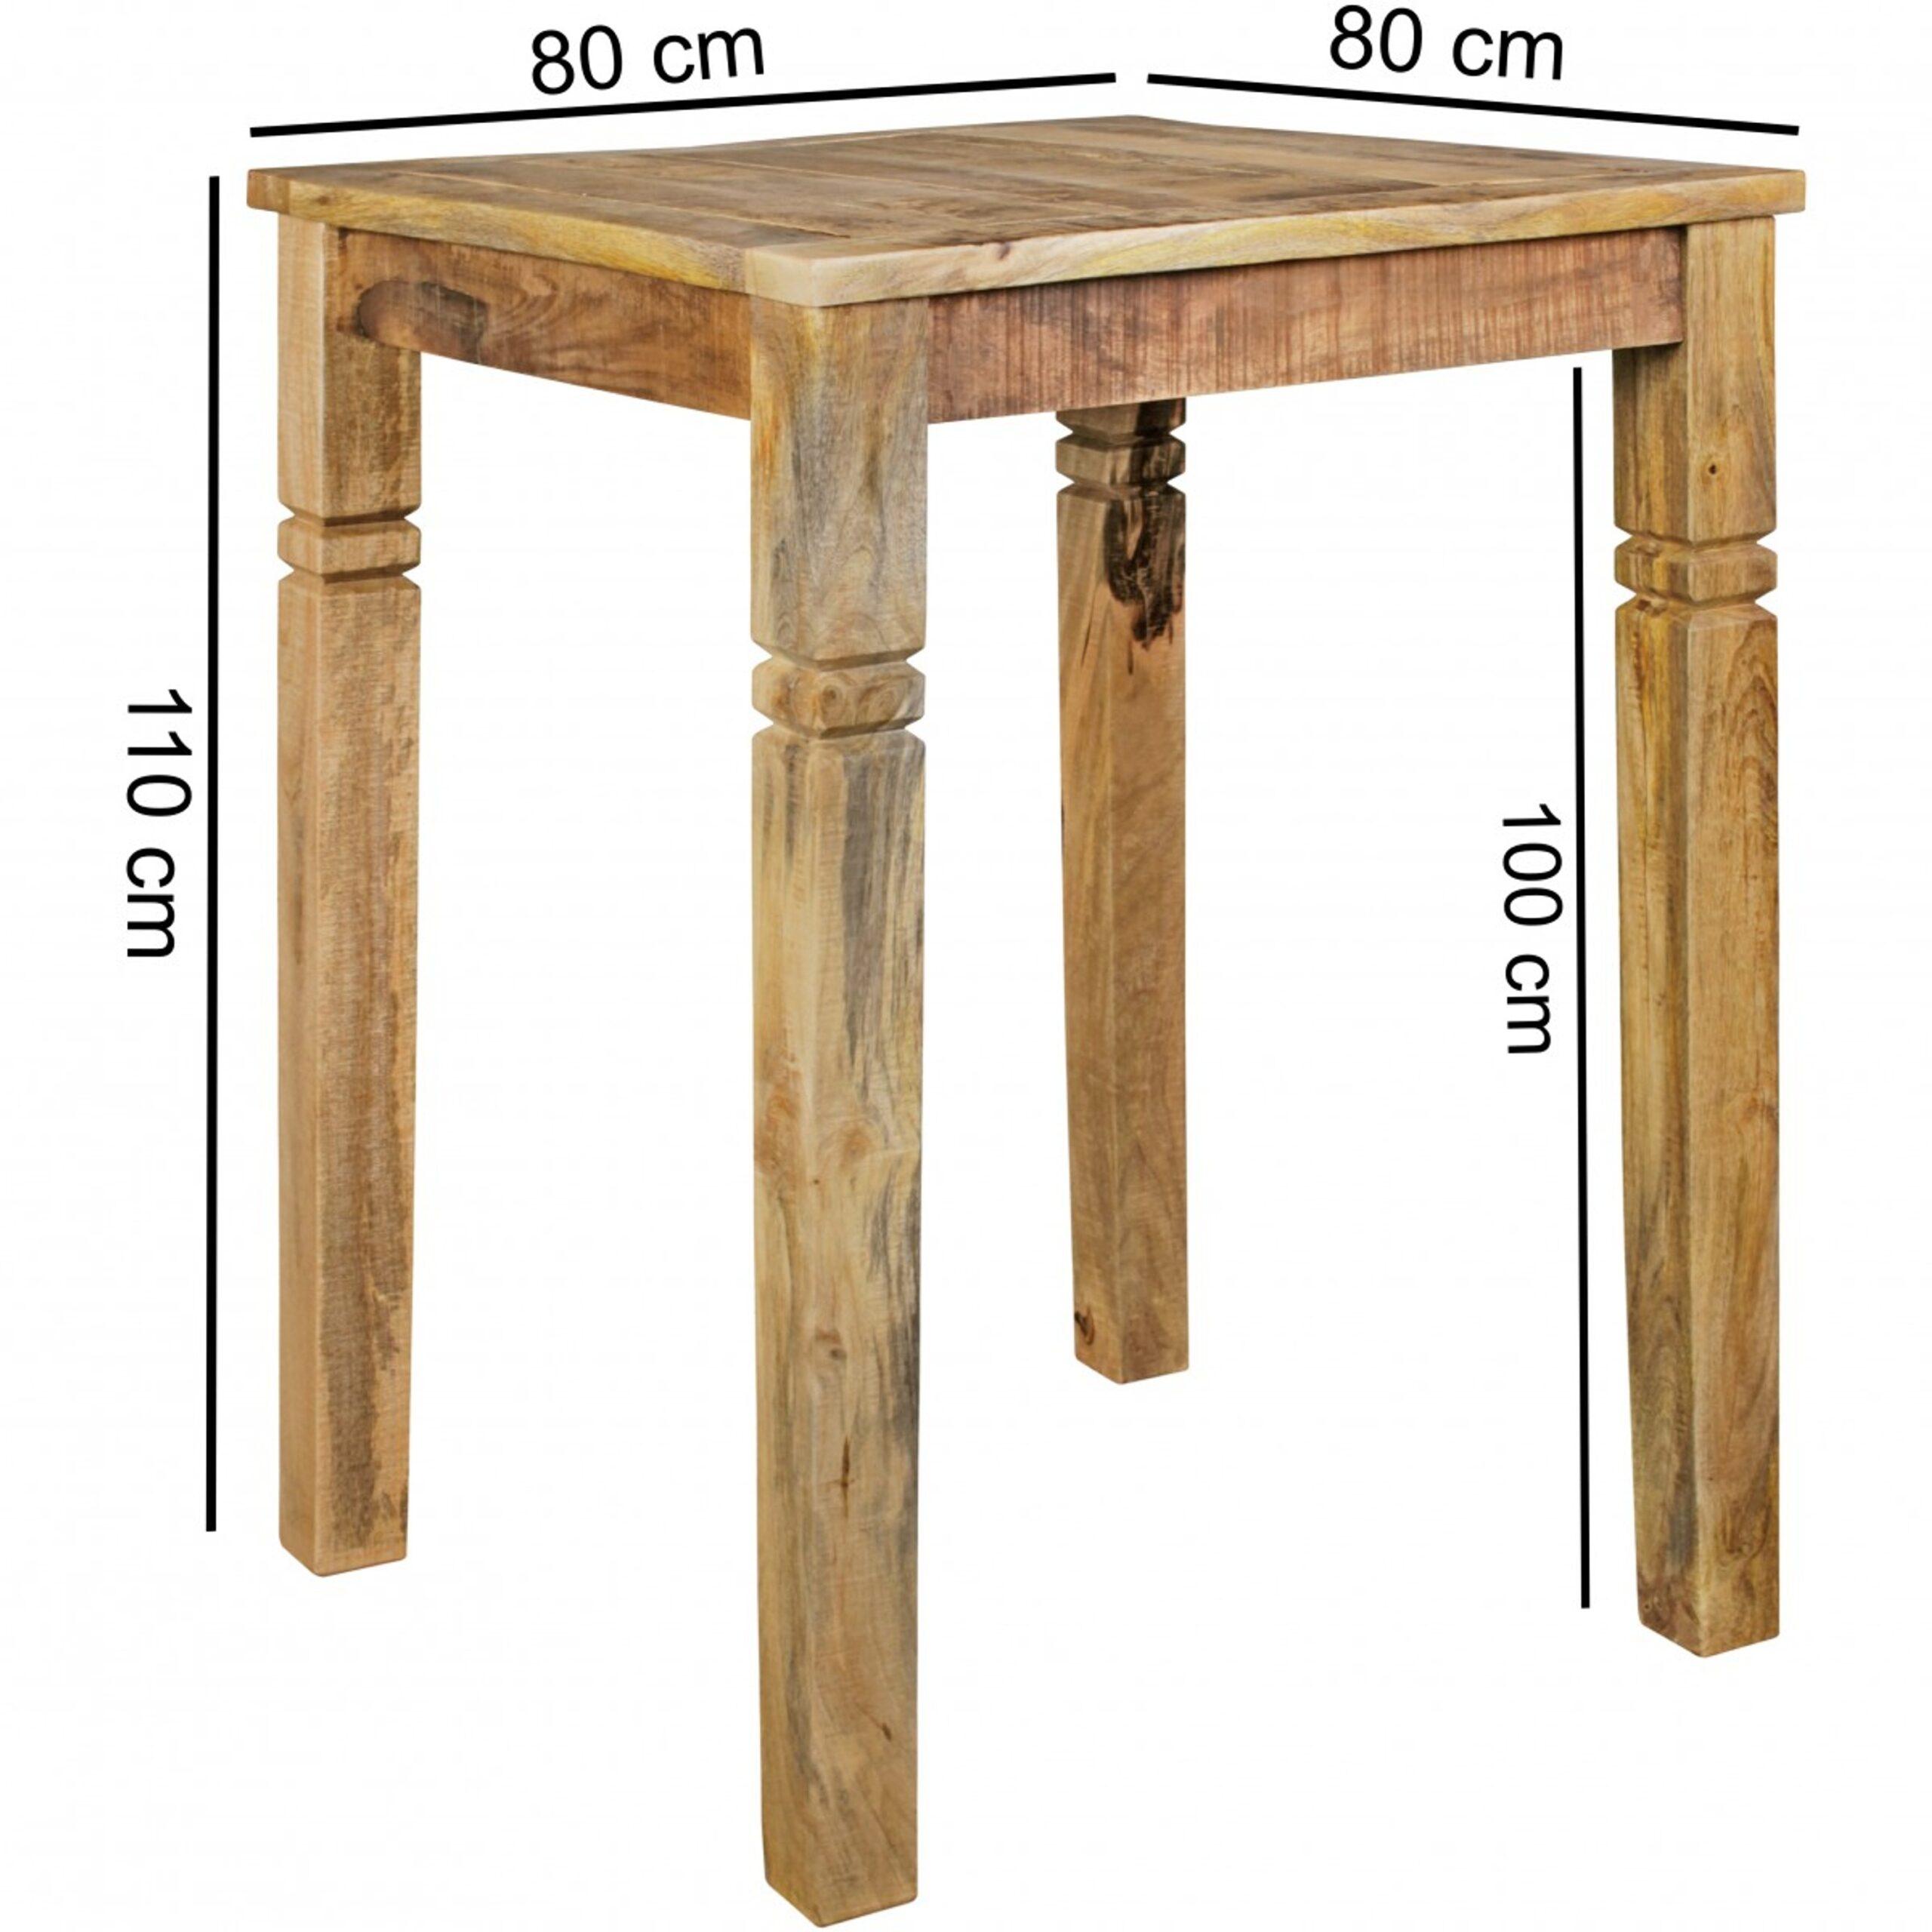 Full Size of Bartisch Rustica 80 110 Cm Massiv Holz Küchen Regal Küche Wohnzimmer Küchen Bartisch